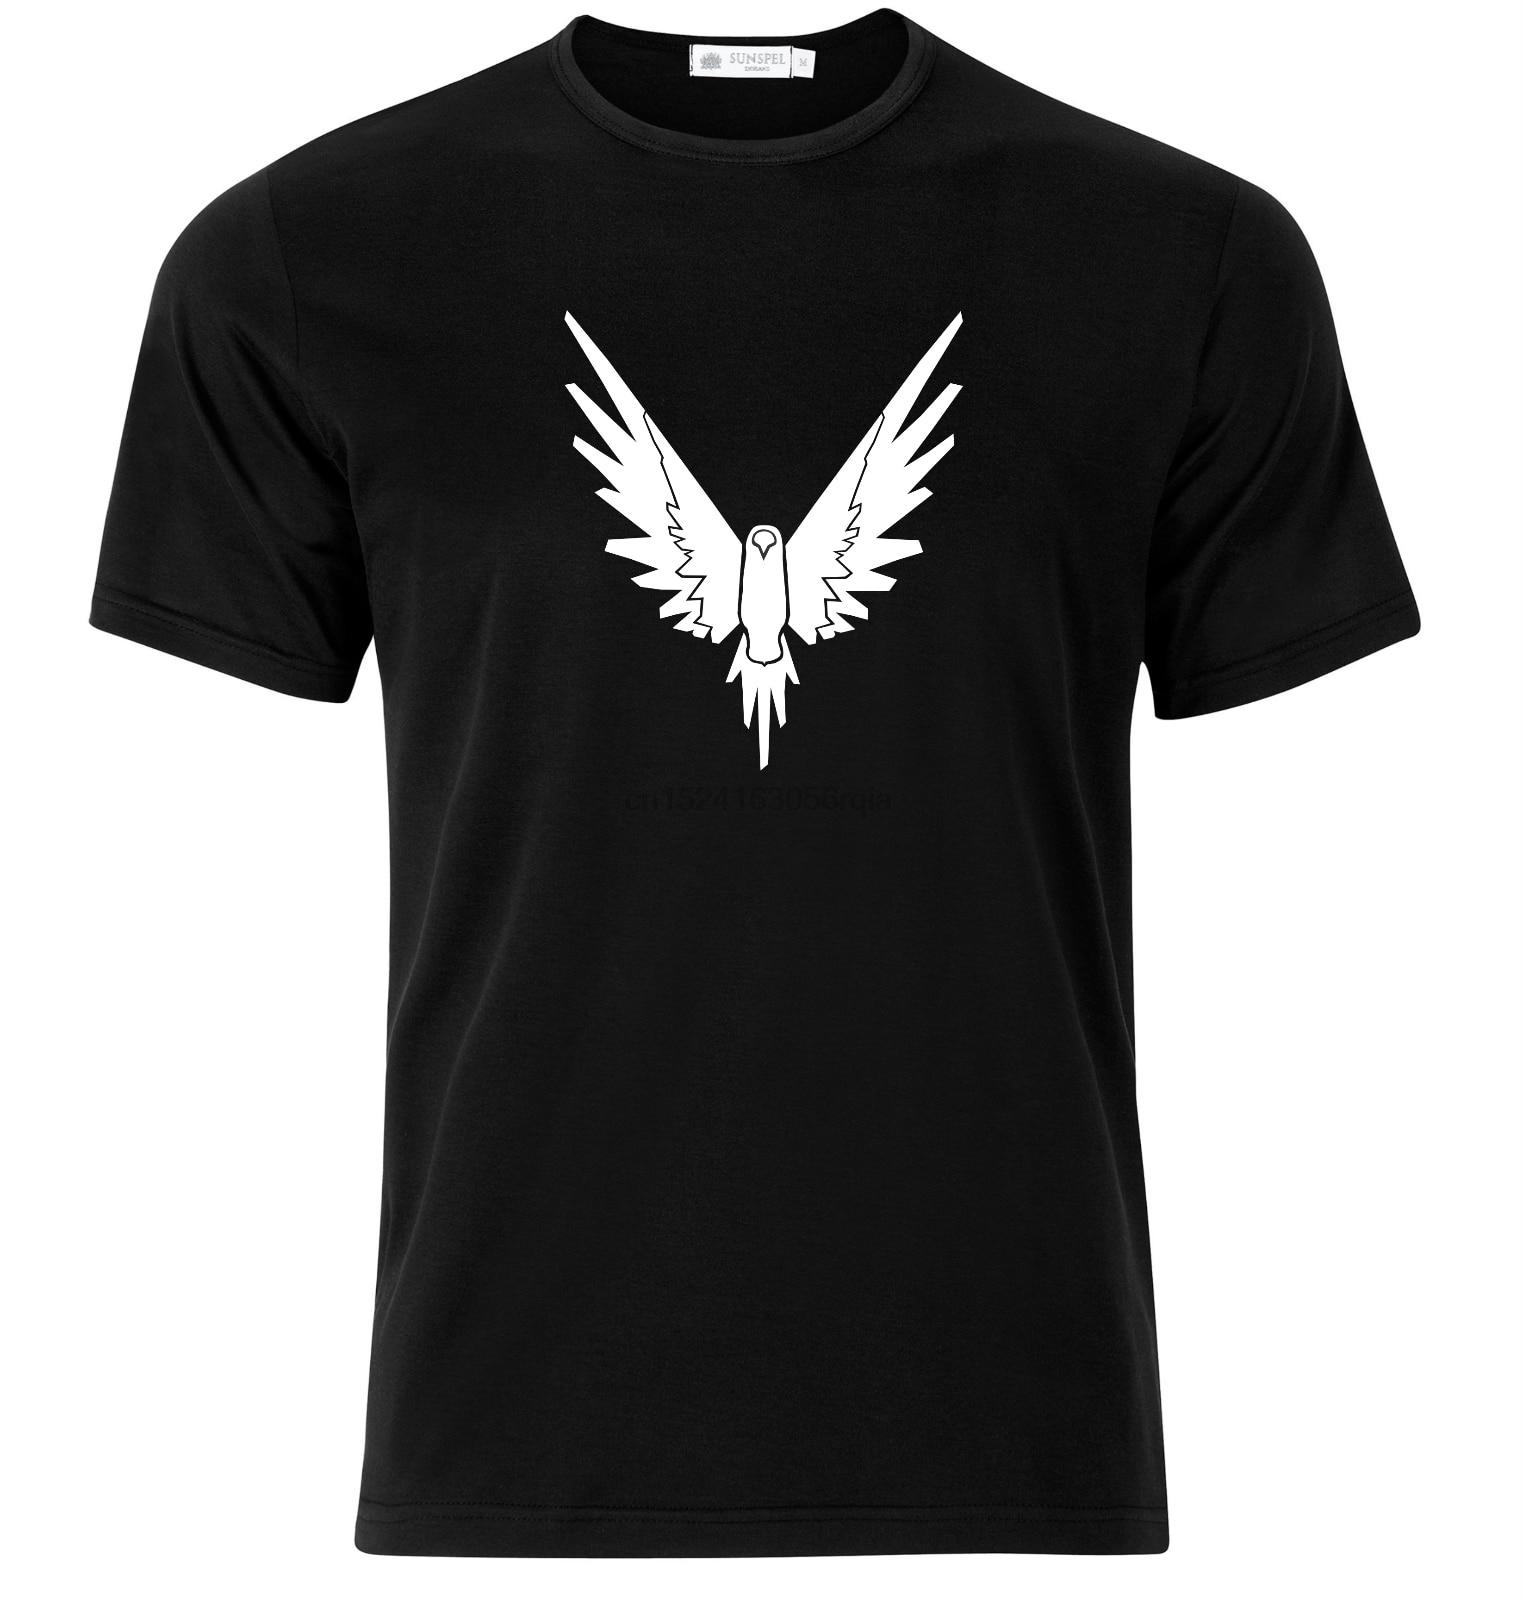 Clever T Hemd Einzelgänger Paul Jake Logan Stil Hand Made Einzigartige Nach Maß Irgendeine Größe